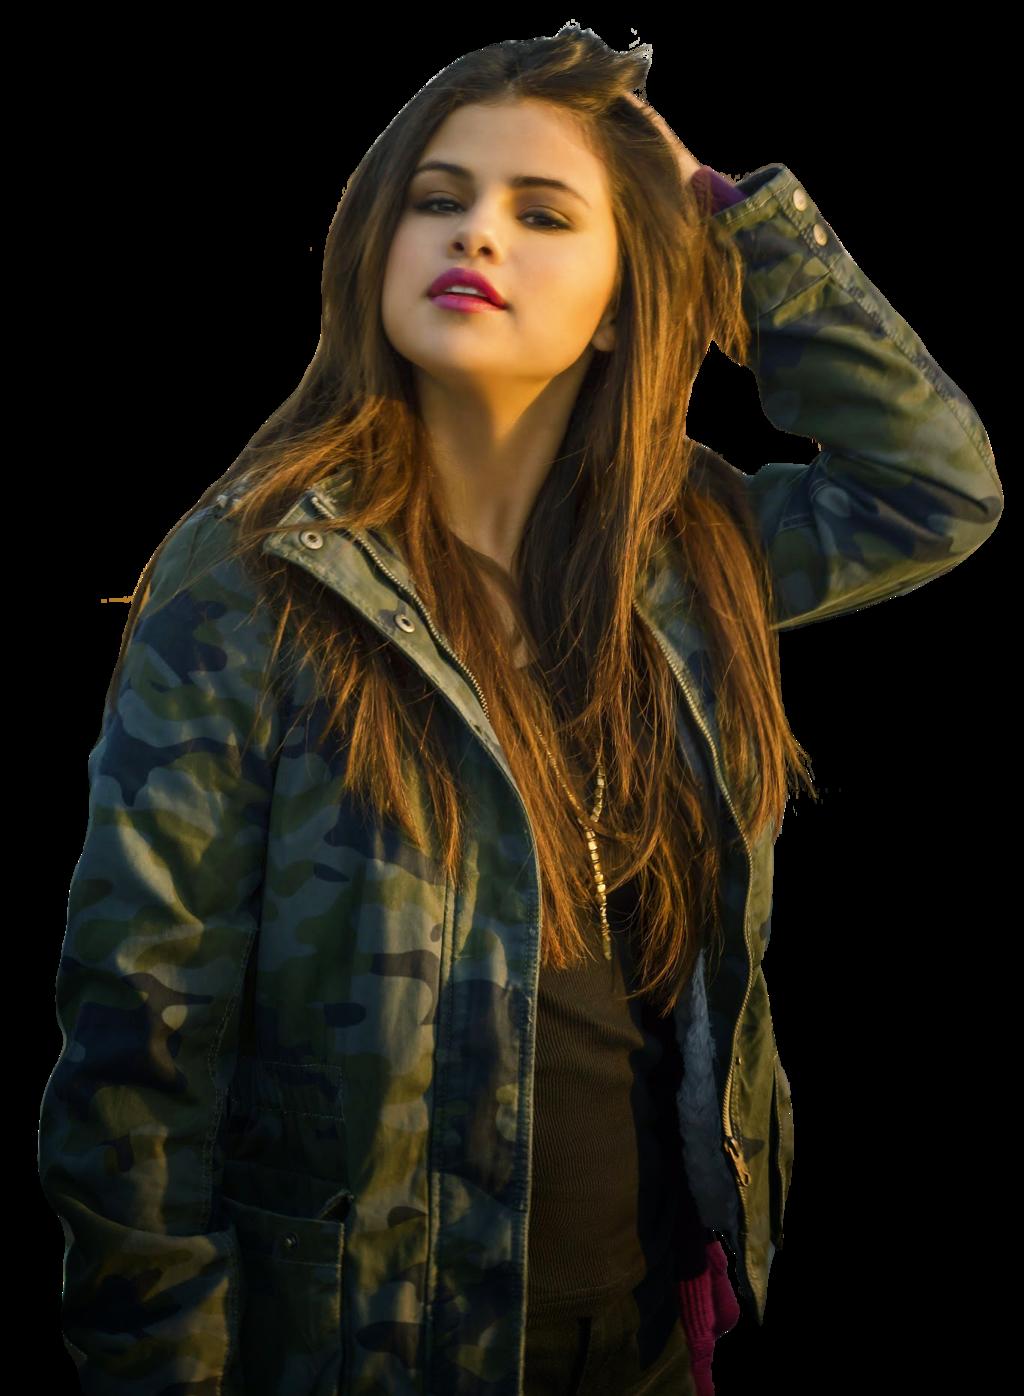 Selena Gomez PNG by maarcopngs Selena Gomez PNG by maarcopngs - Selena Gomez PNG